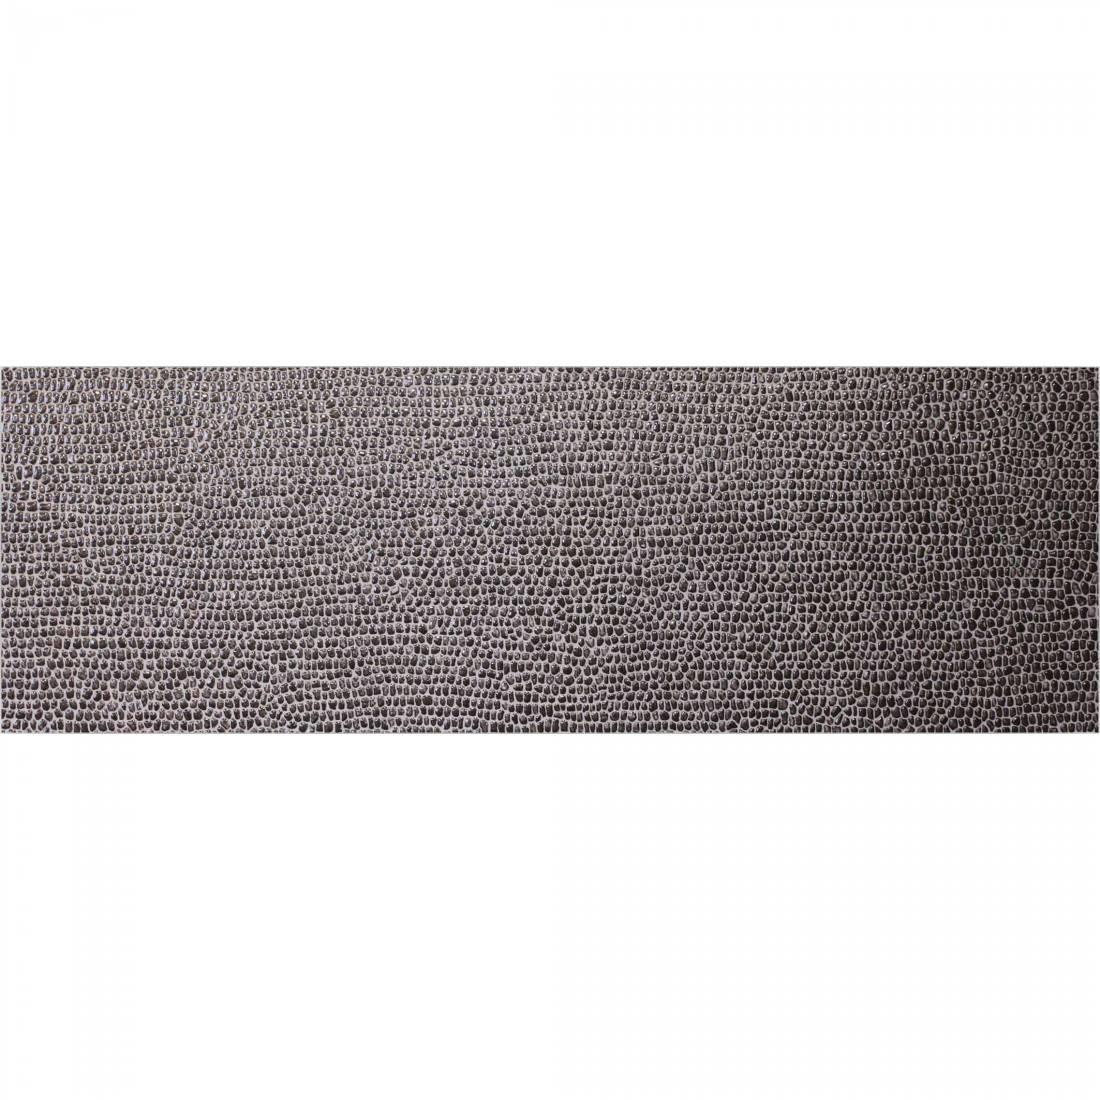 Seville 20x60 Black Gloss 1